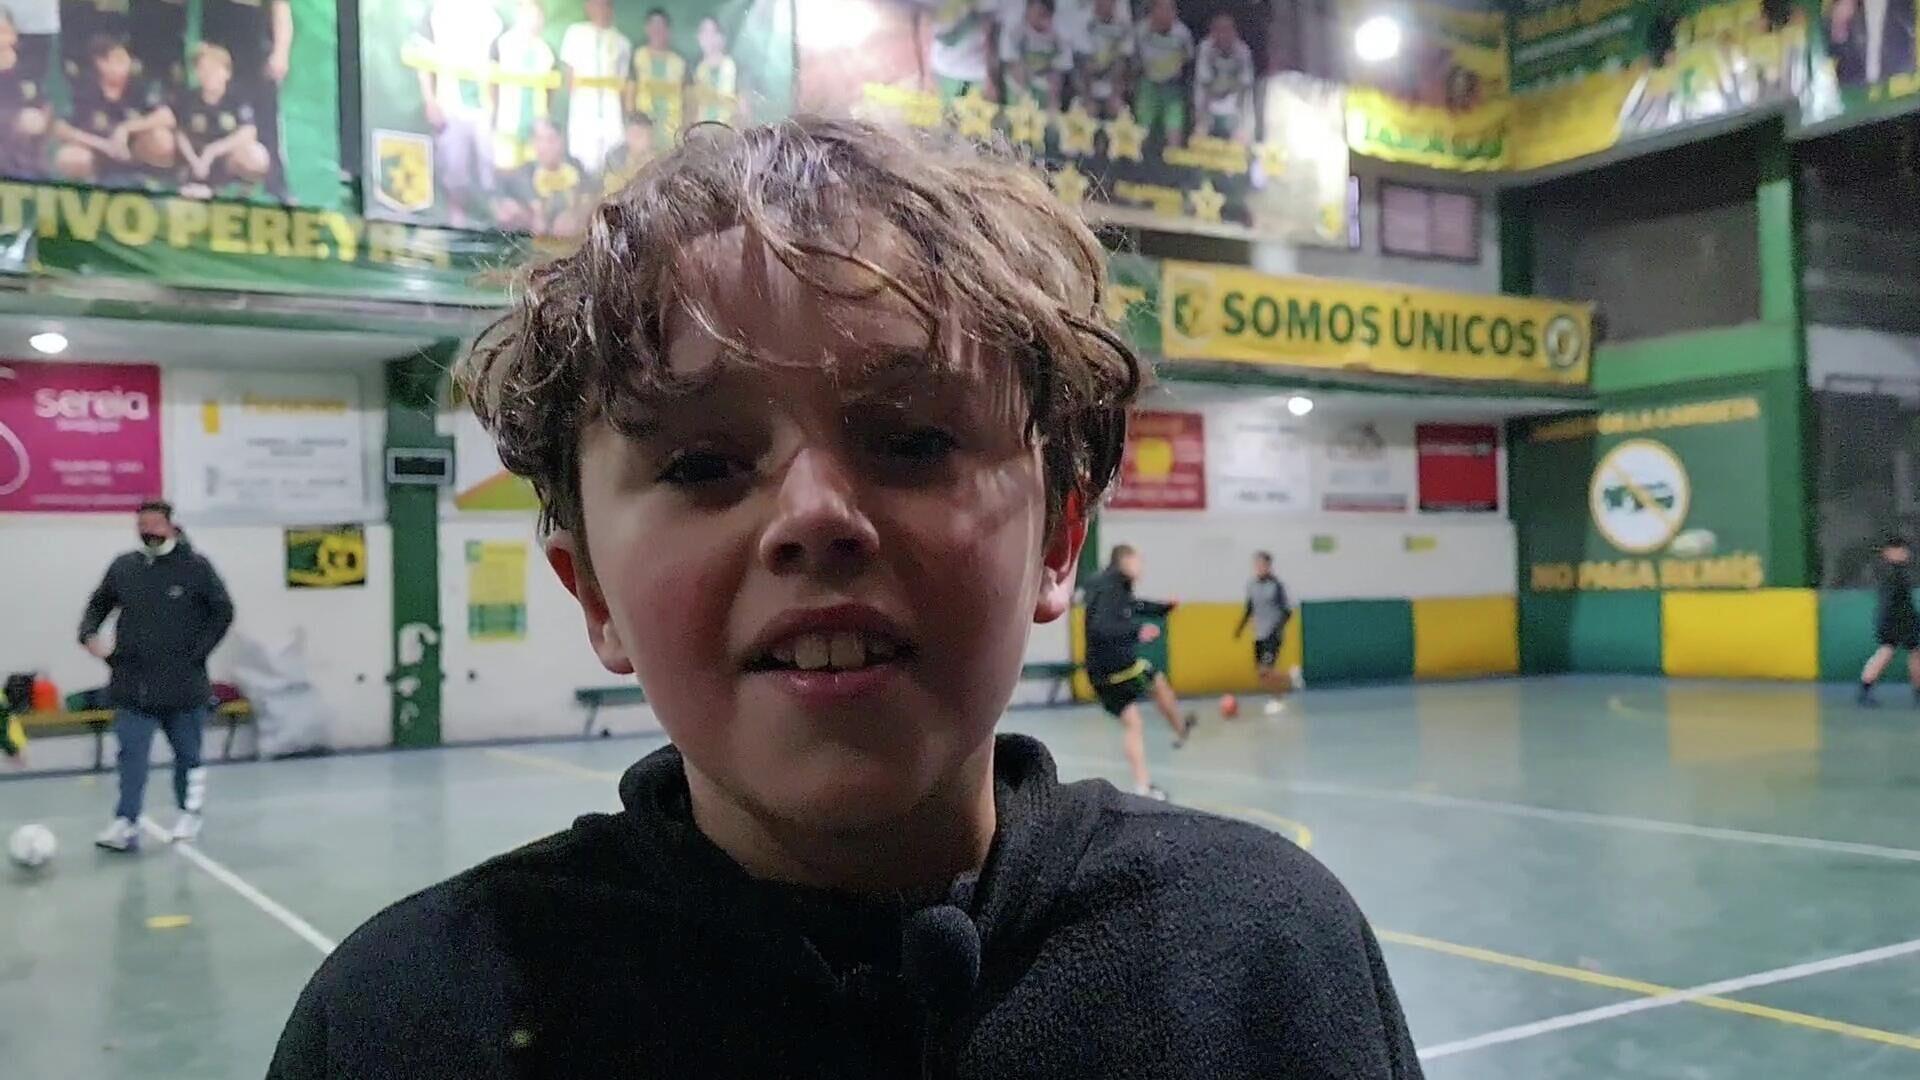 Ciro tiene 9 años, quiere ser futbolista profesional y desde hace 4 o 5 practica en el club - Sputnik Mundo, 1920, 02.07.2021